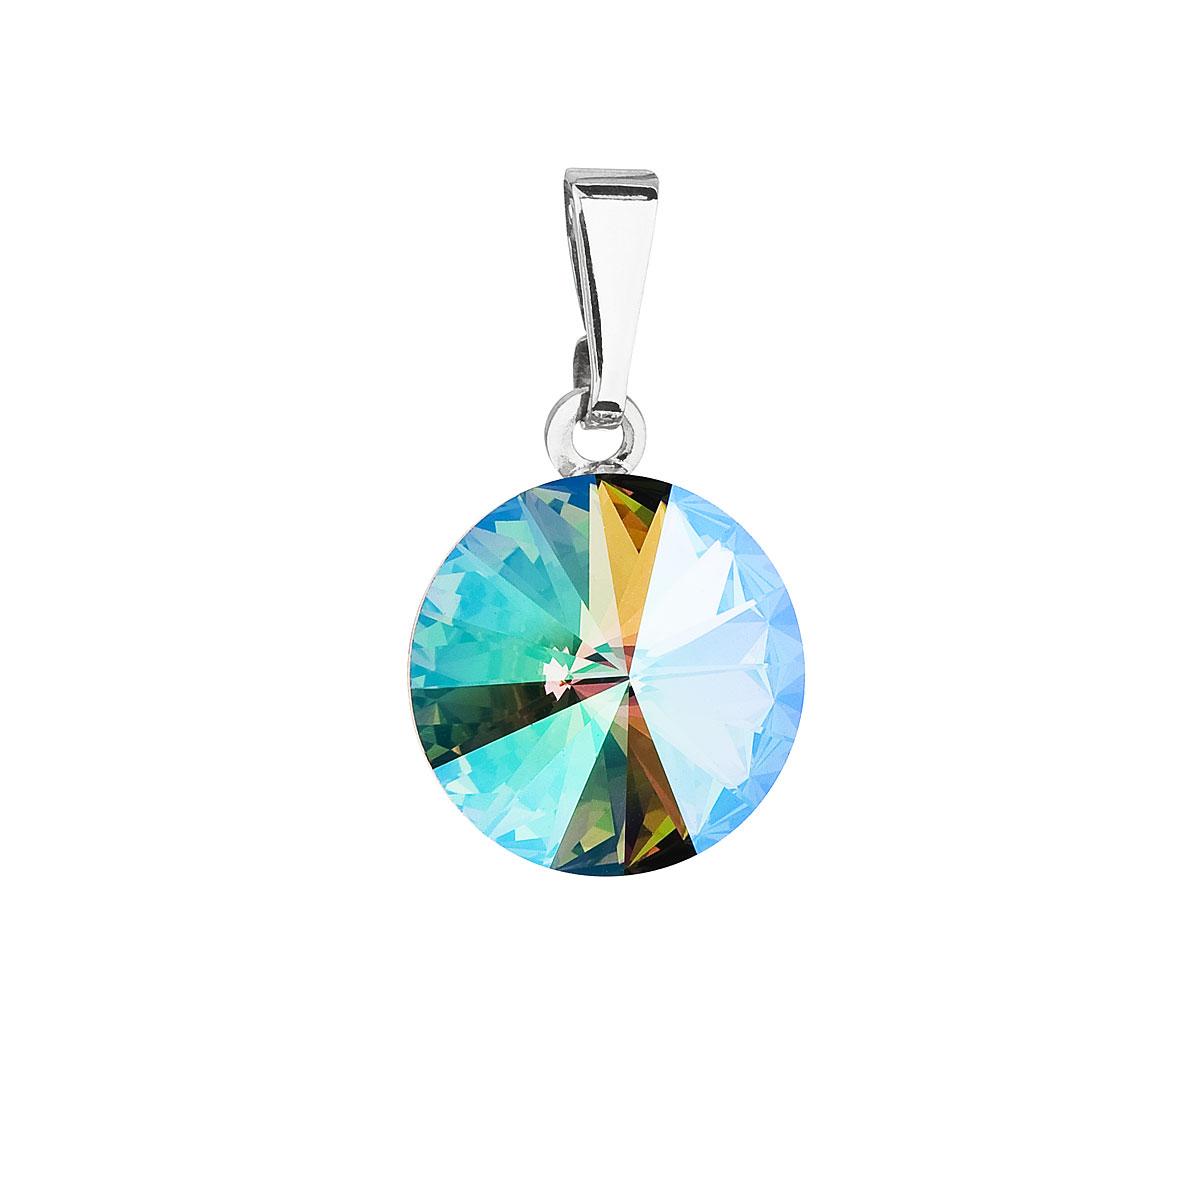 Evolution Group Přívěsek se Swarovski krystaly zelený fialový kulatý 54001.5